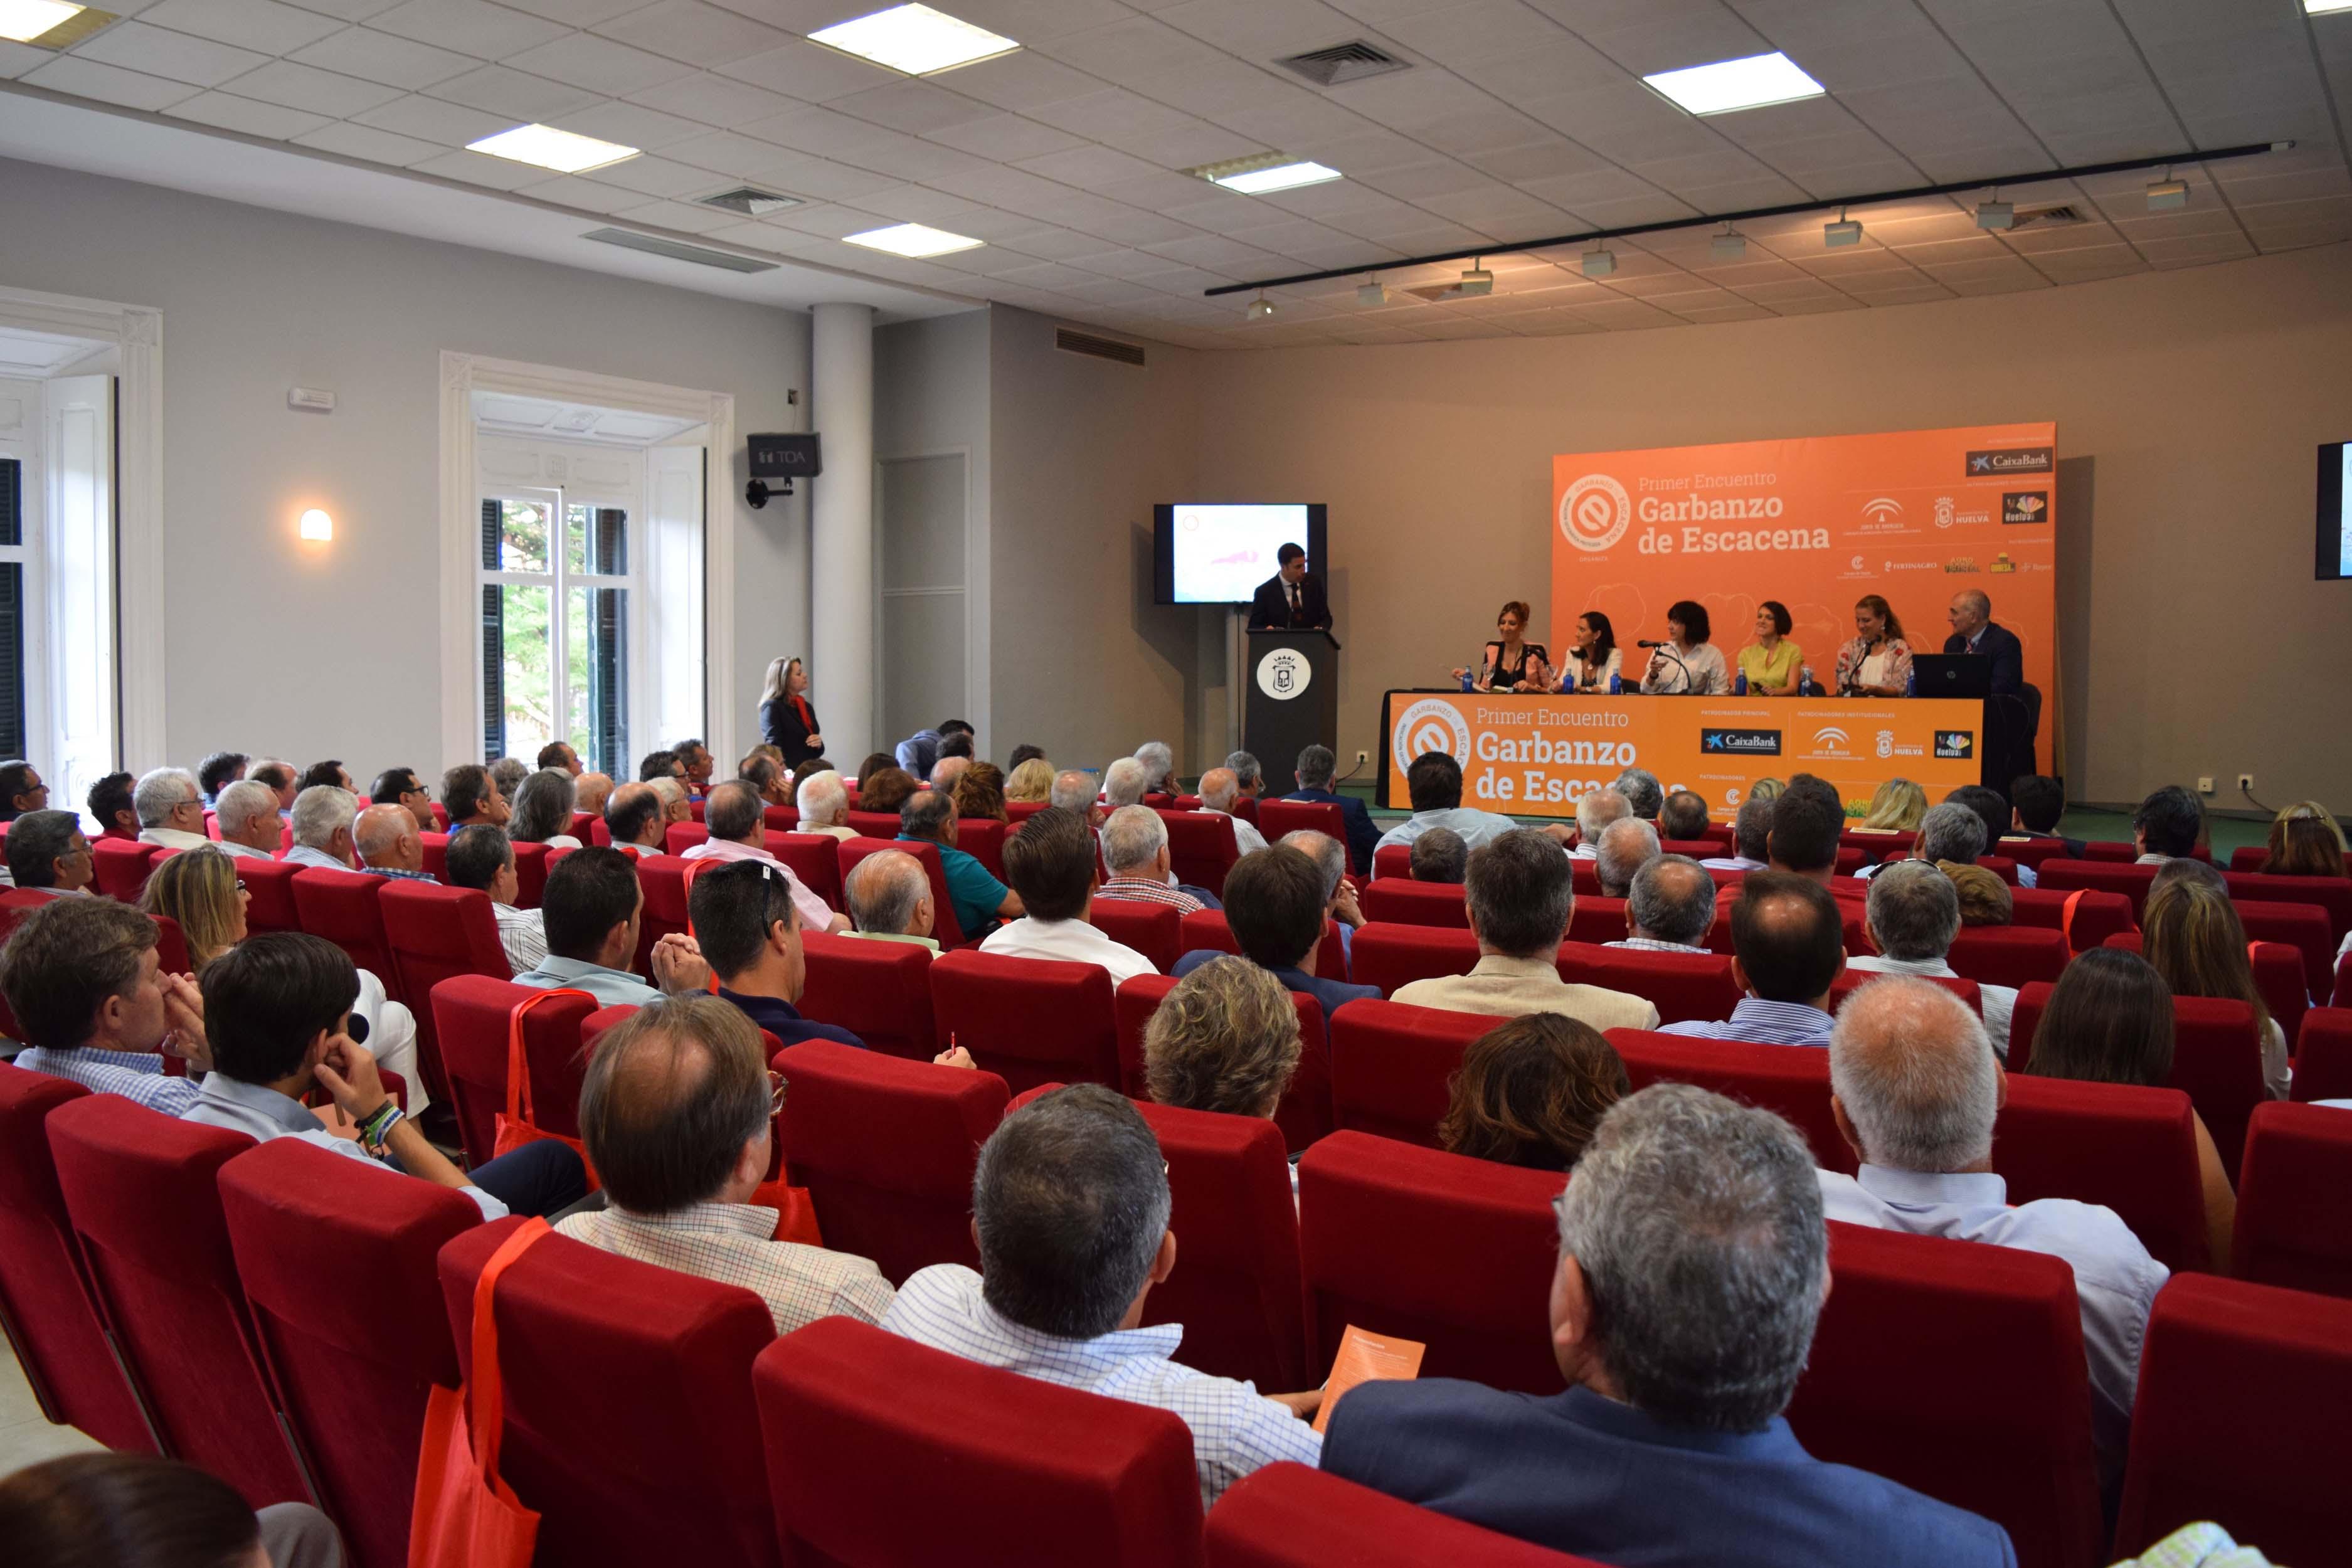 Más de 150 agricultores y empresarios analizan en un encuentro los retos del garbanzo de Escacena